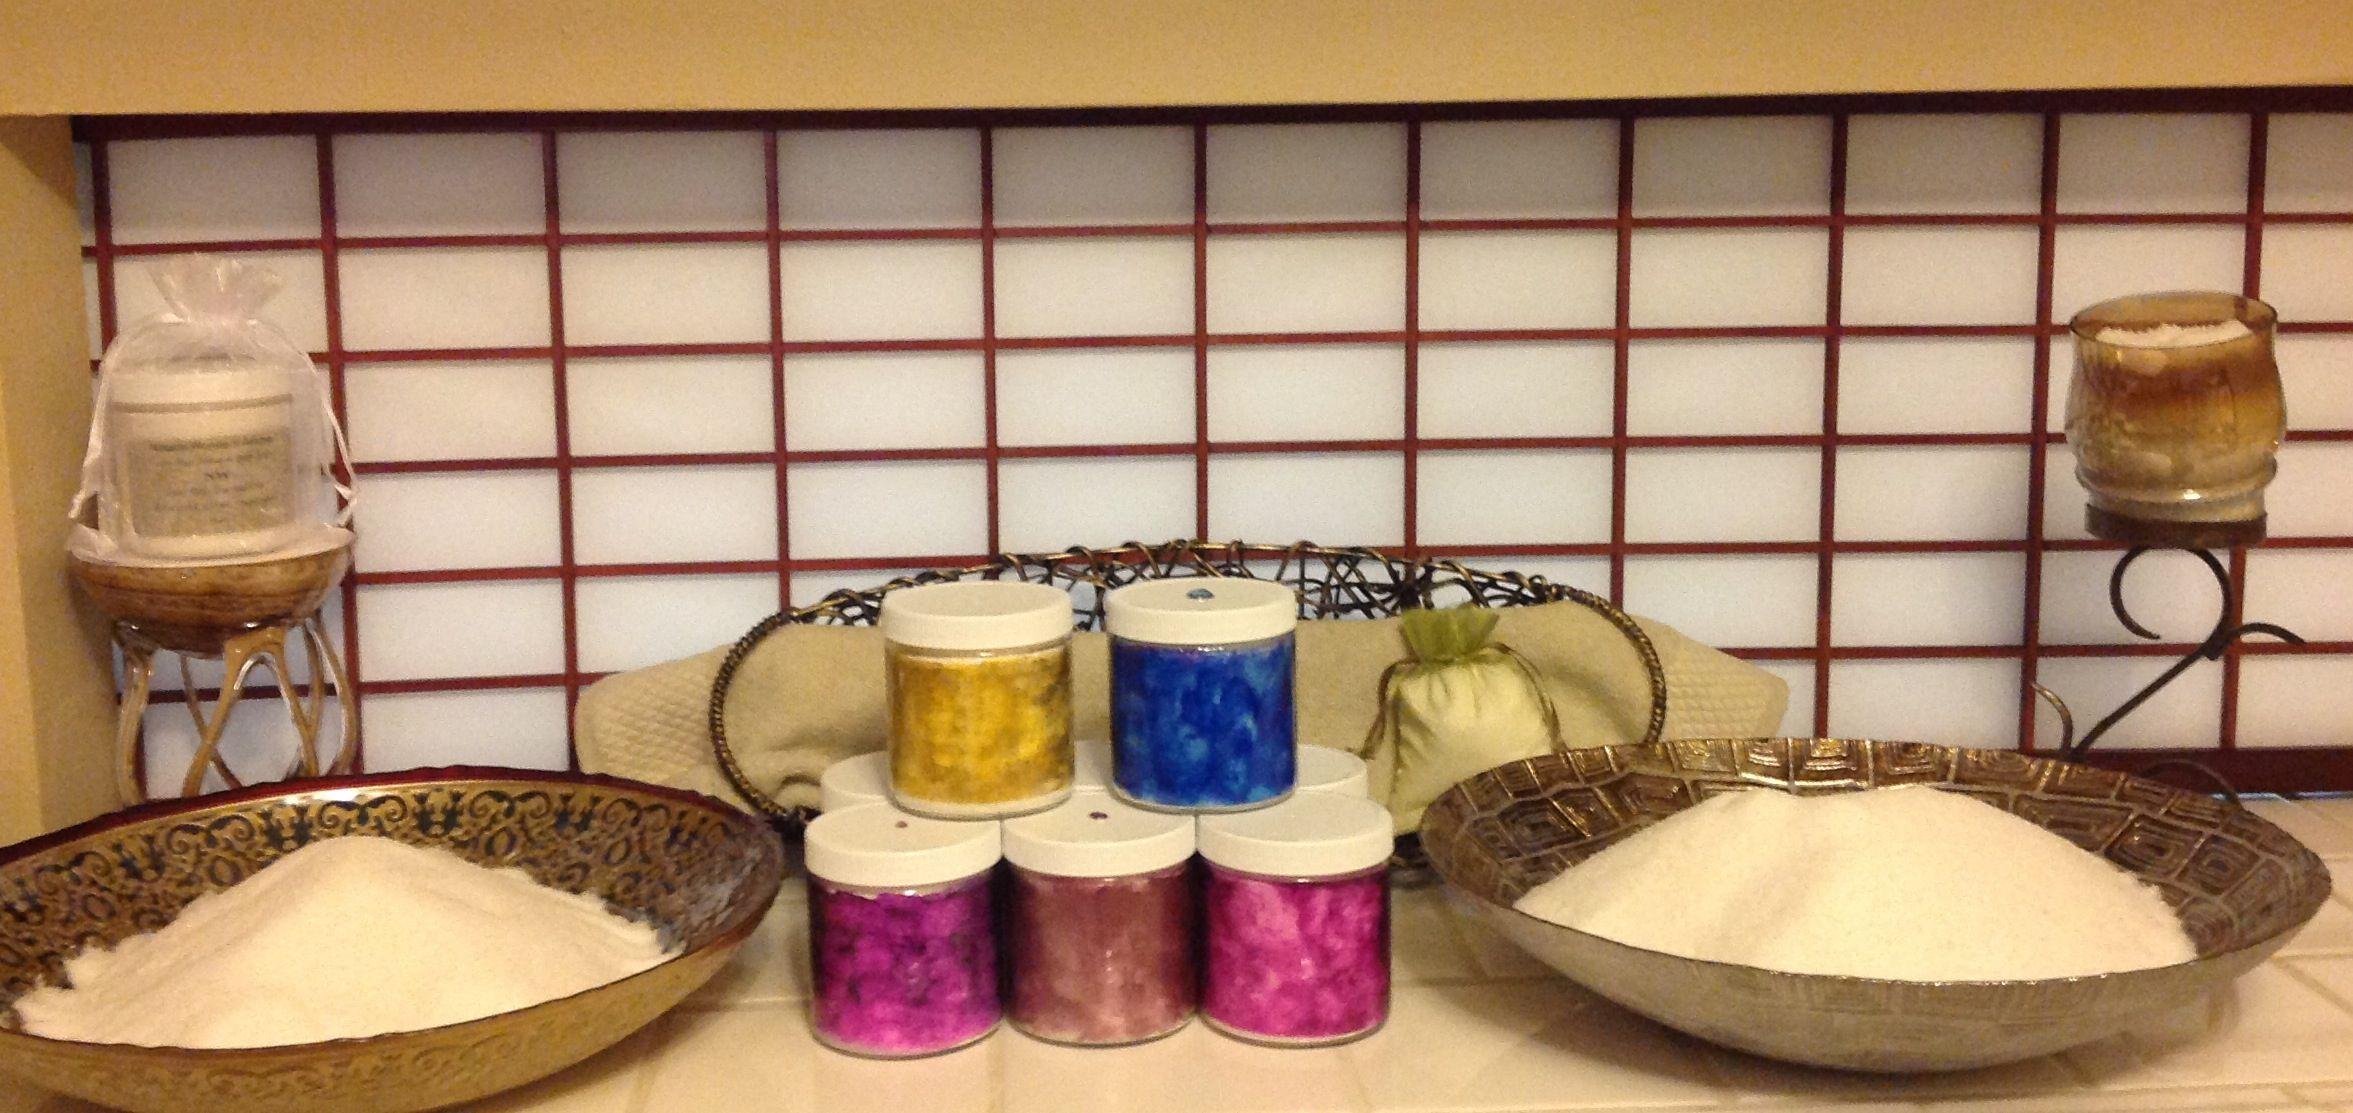 Peppermint, Eucalyptus, Chamomile, Lavender, Ginger, Spearmint, Lime, Geranium, Cedar-wood, Lemongrass choose your scents.